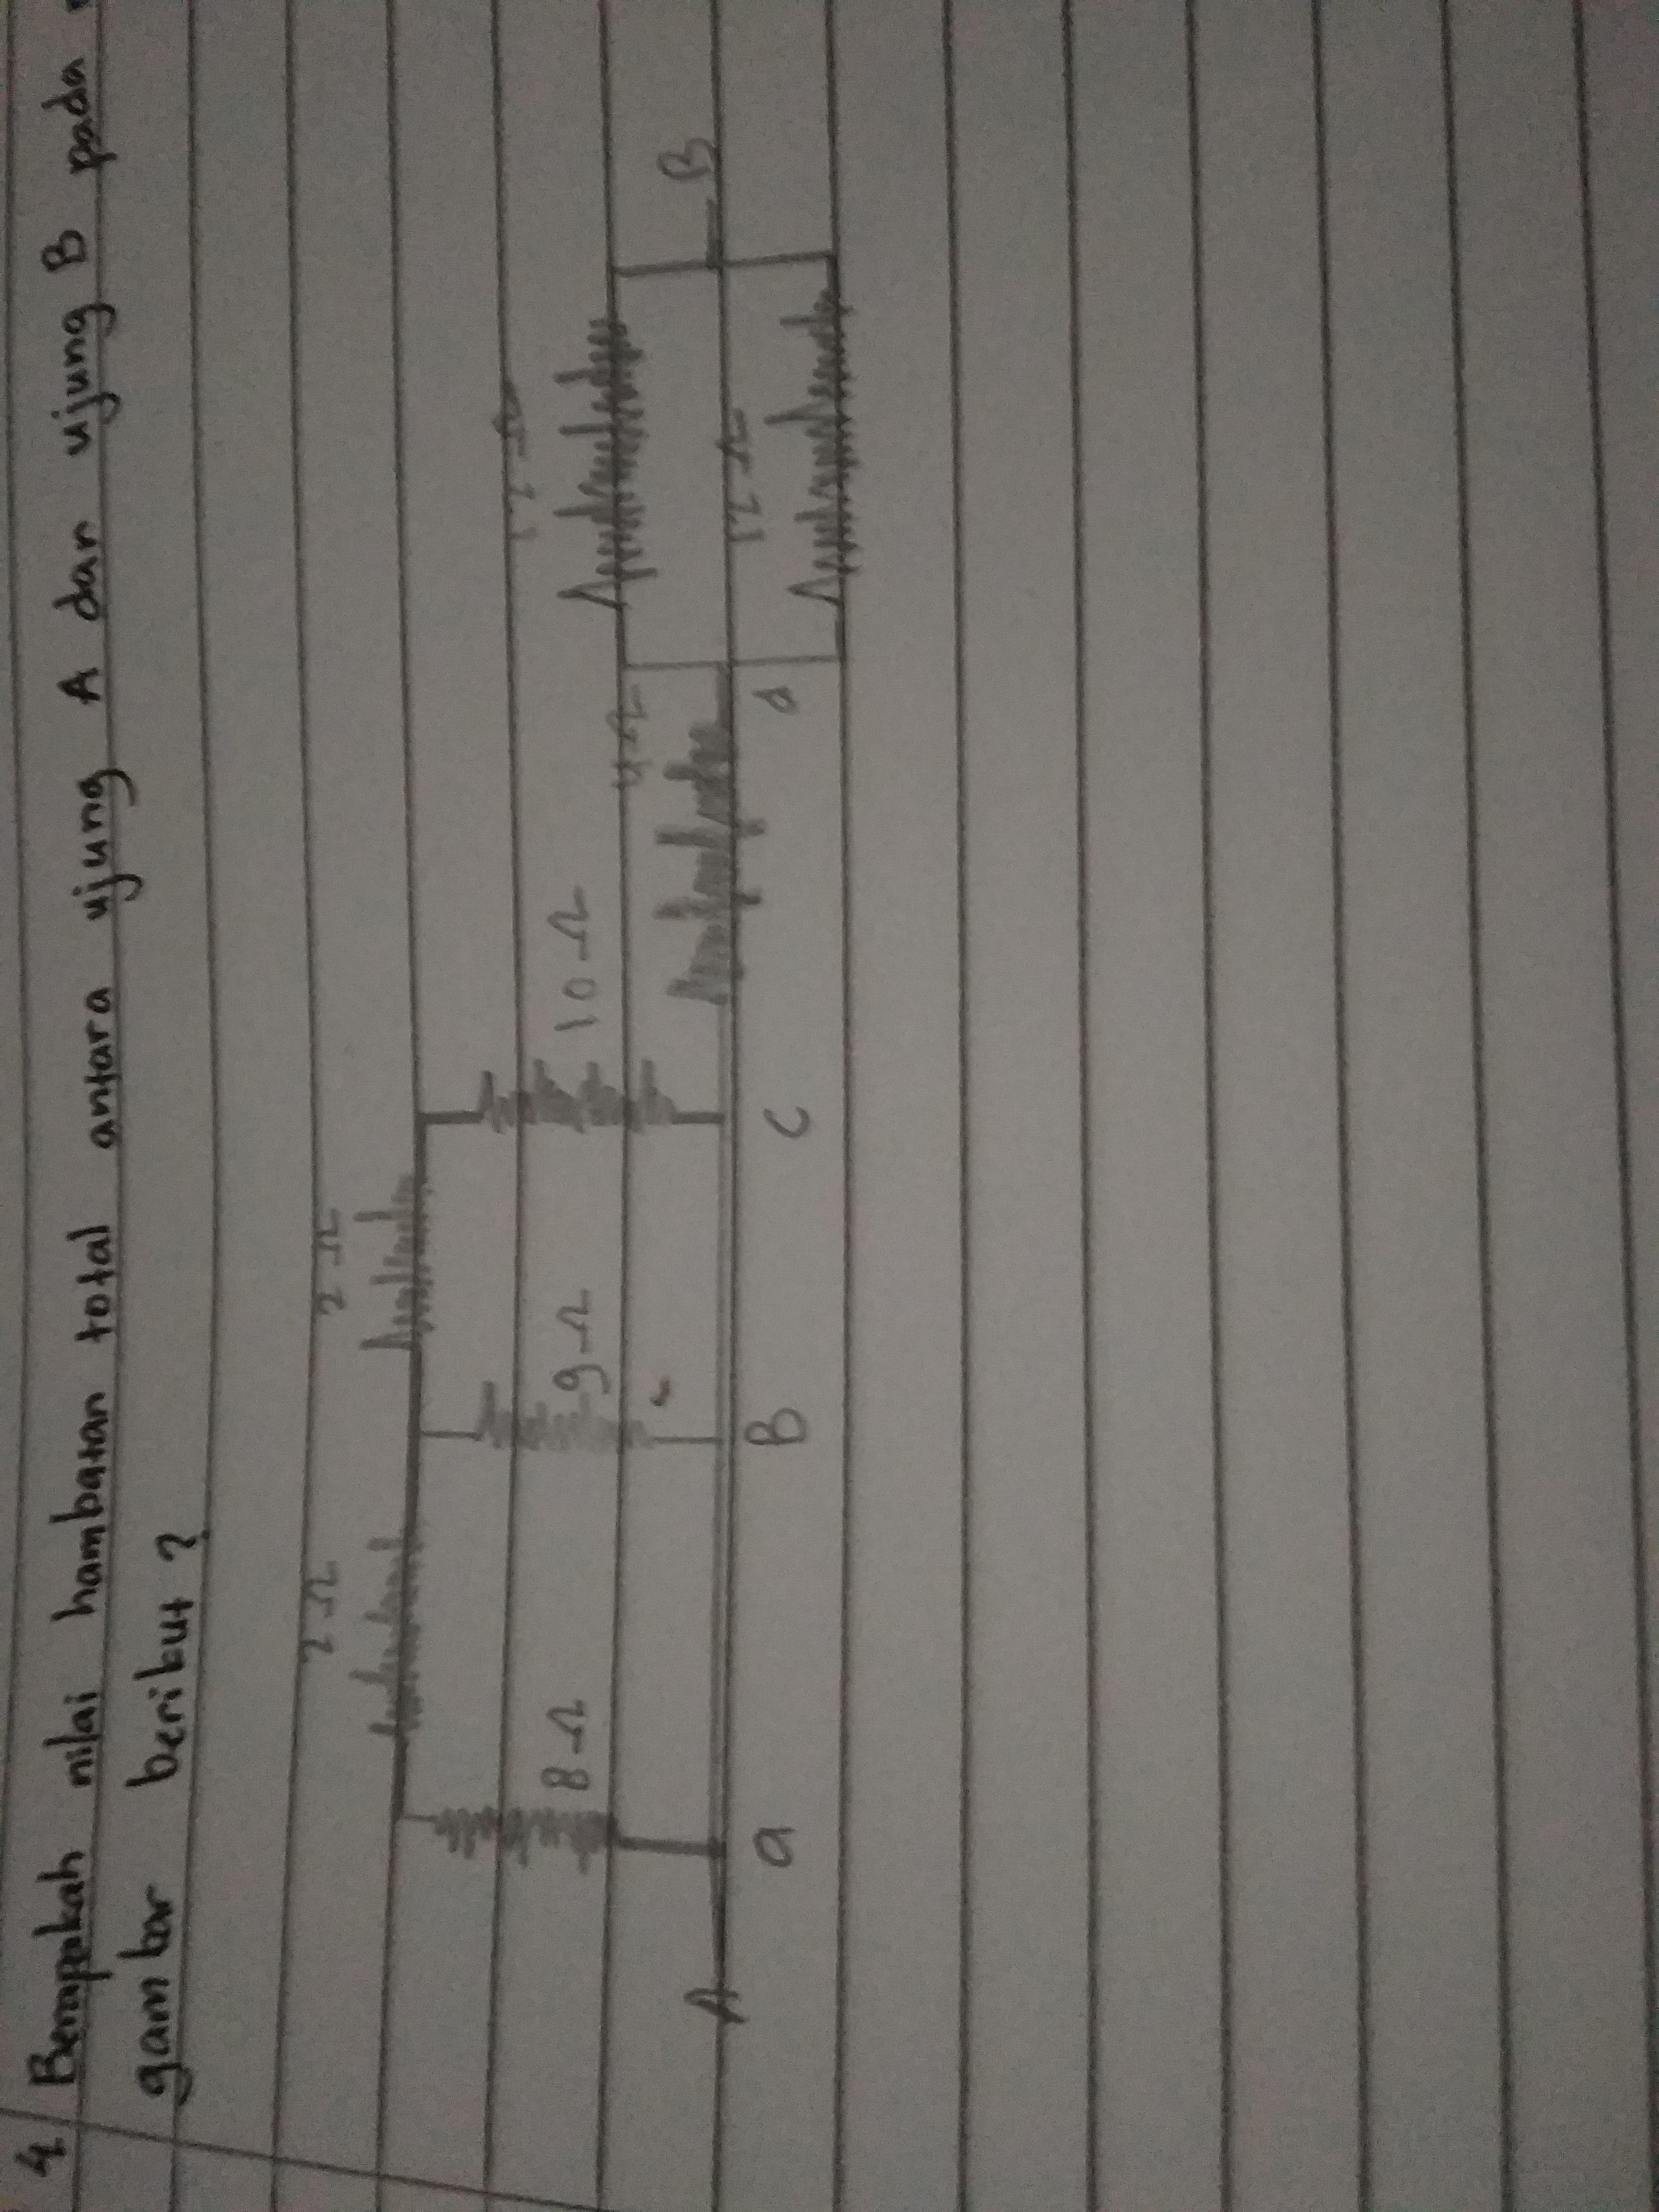 Berapakah nilai hambatan total antara ujung a dan ujung b ...